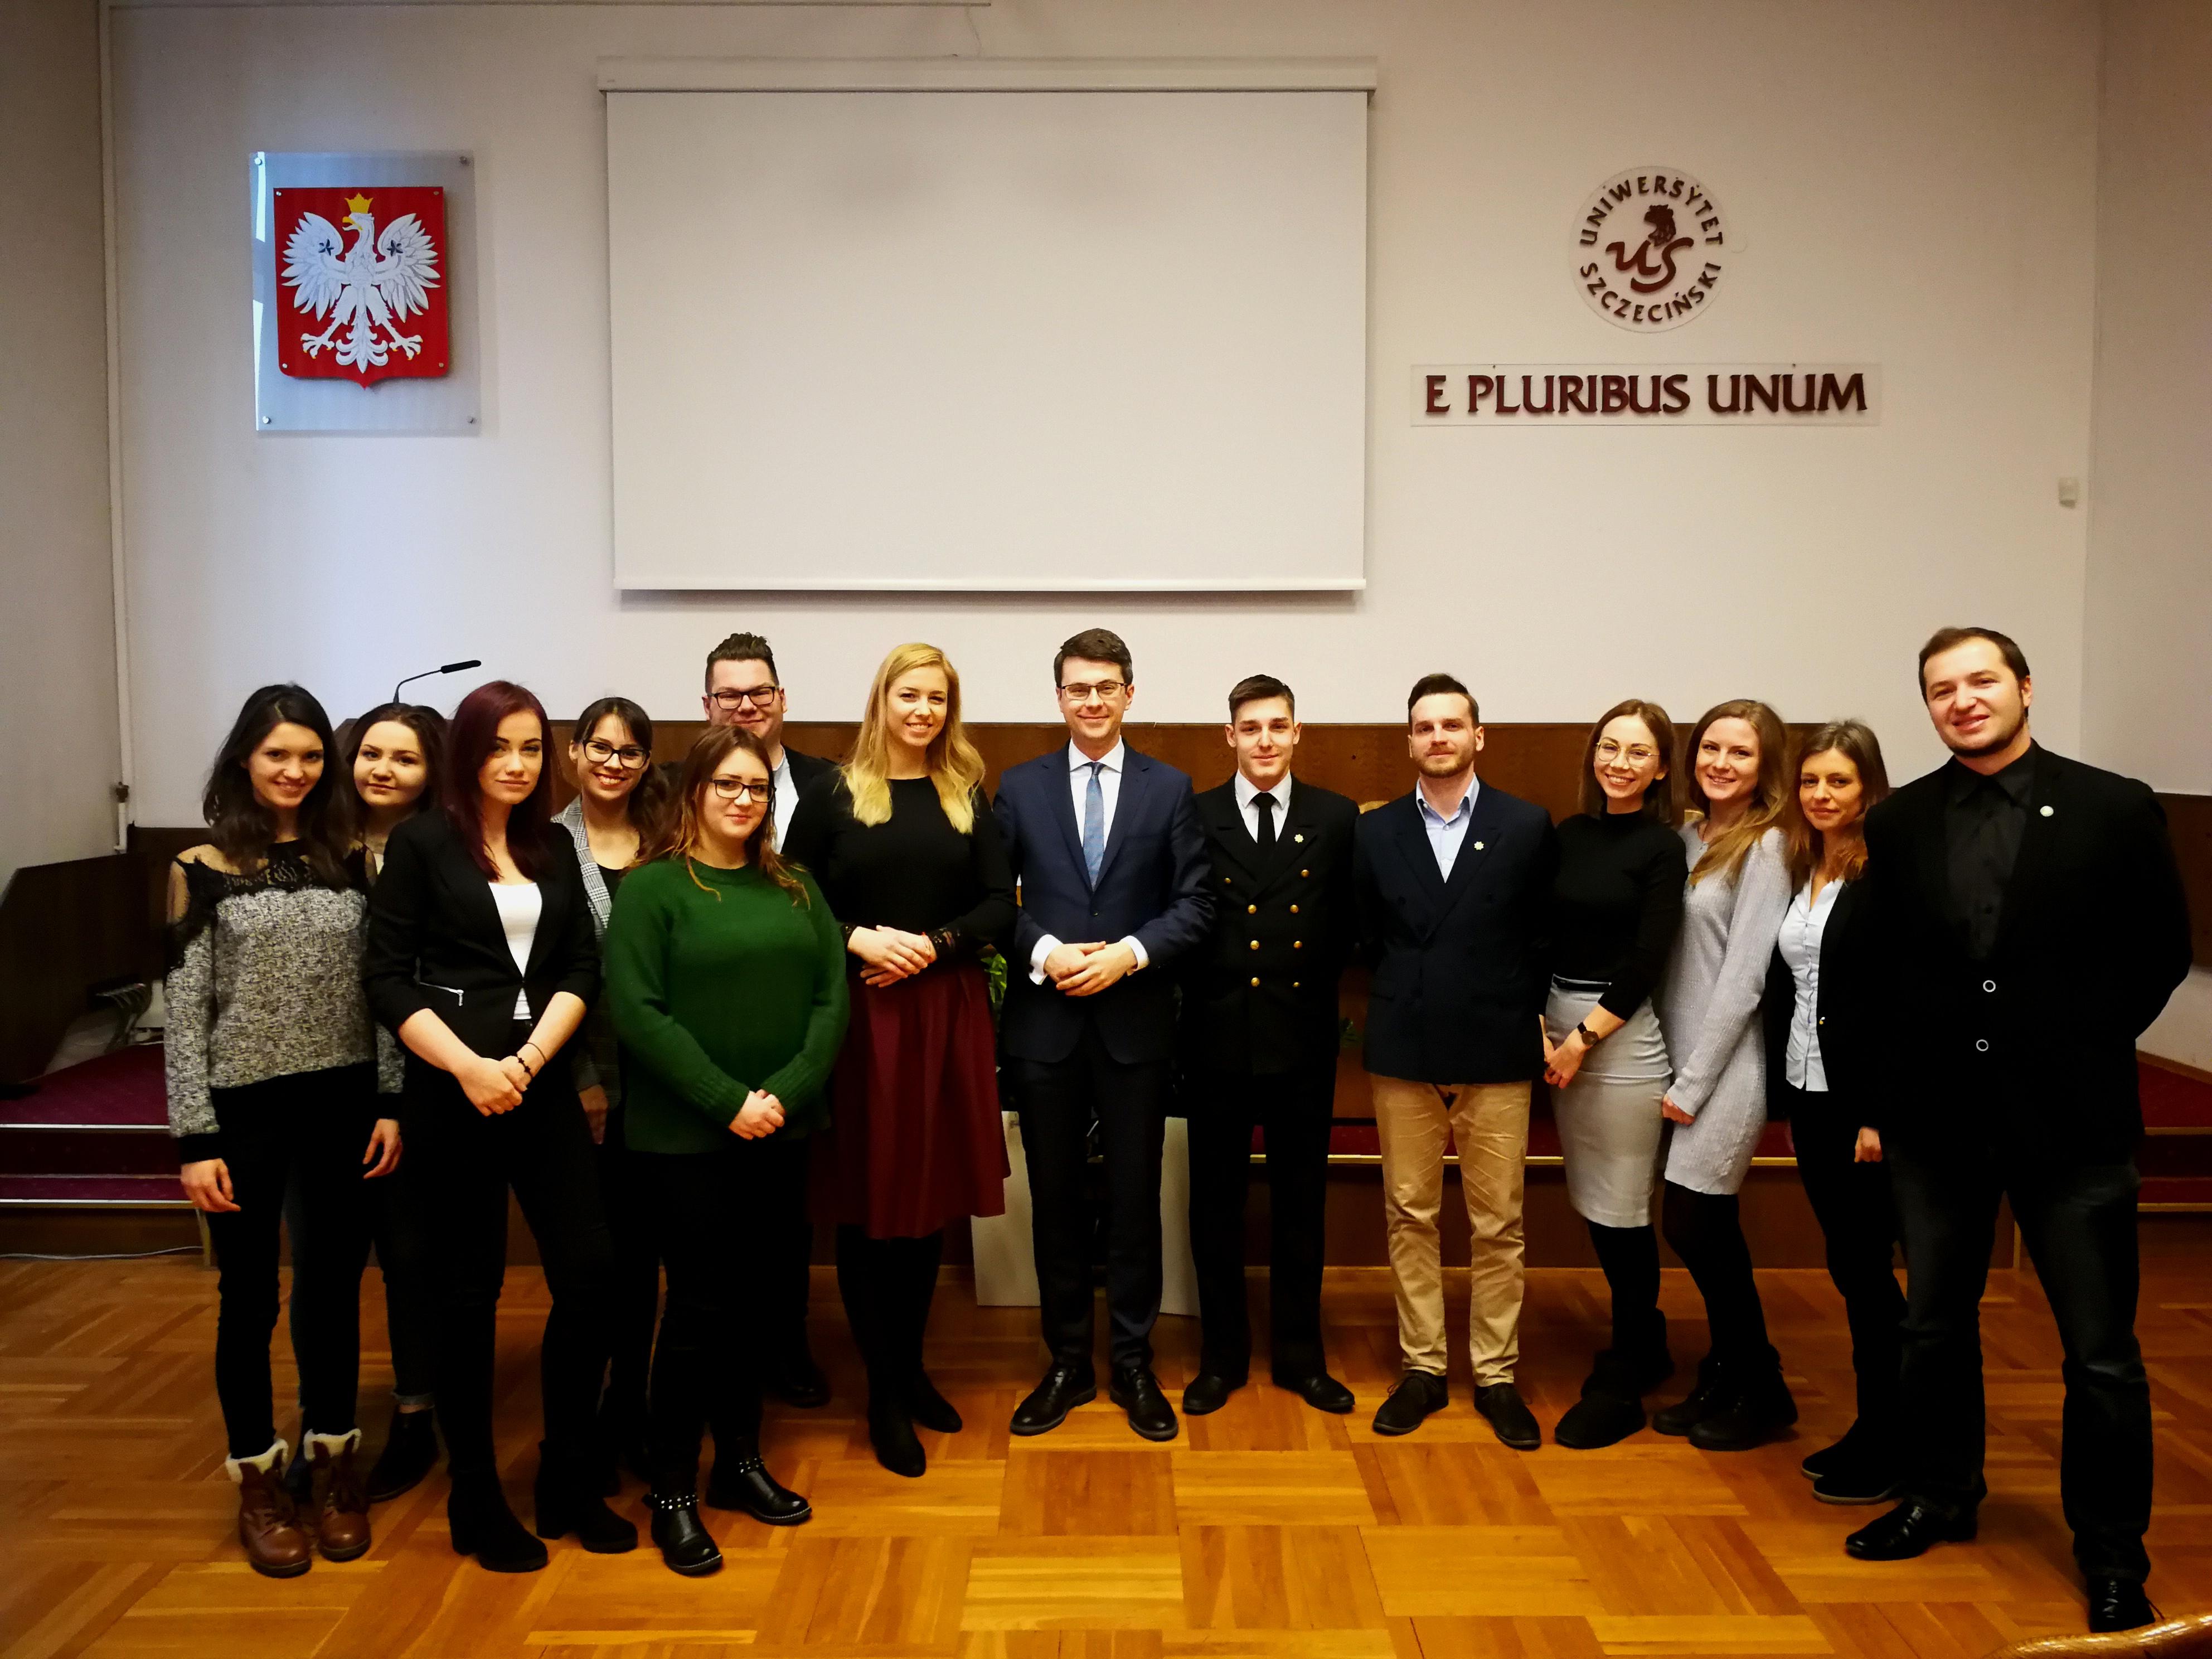 Wiceminister nauki i szkolnictwa wyższego Piotr Müller gościł na Uniwersytecie Szczecińskim. Spotkał się tam ze studentami, a także kolegium rektorskim. Głównym tematem rozmów był plan rozwoju uczelni oraz Konstytucja dla Nauki.